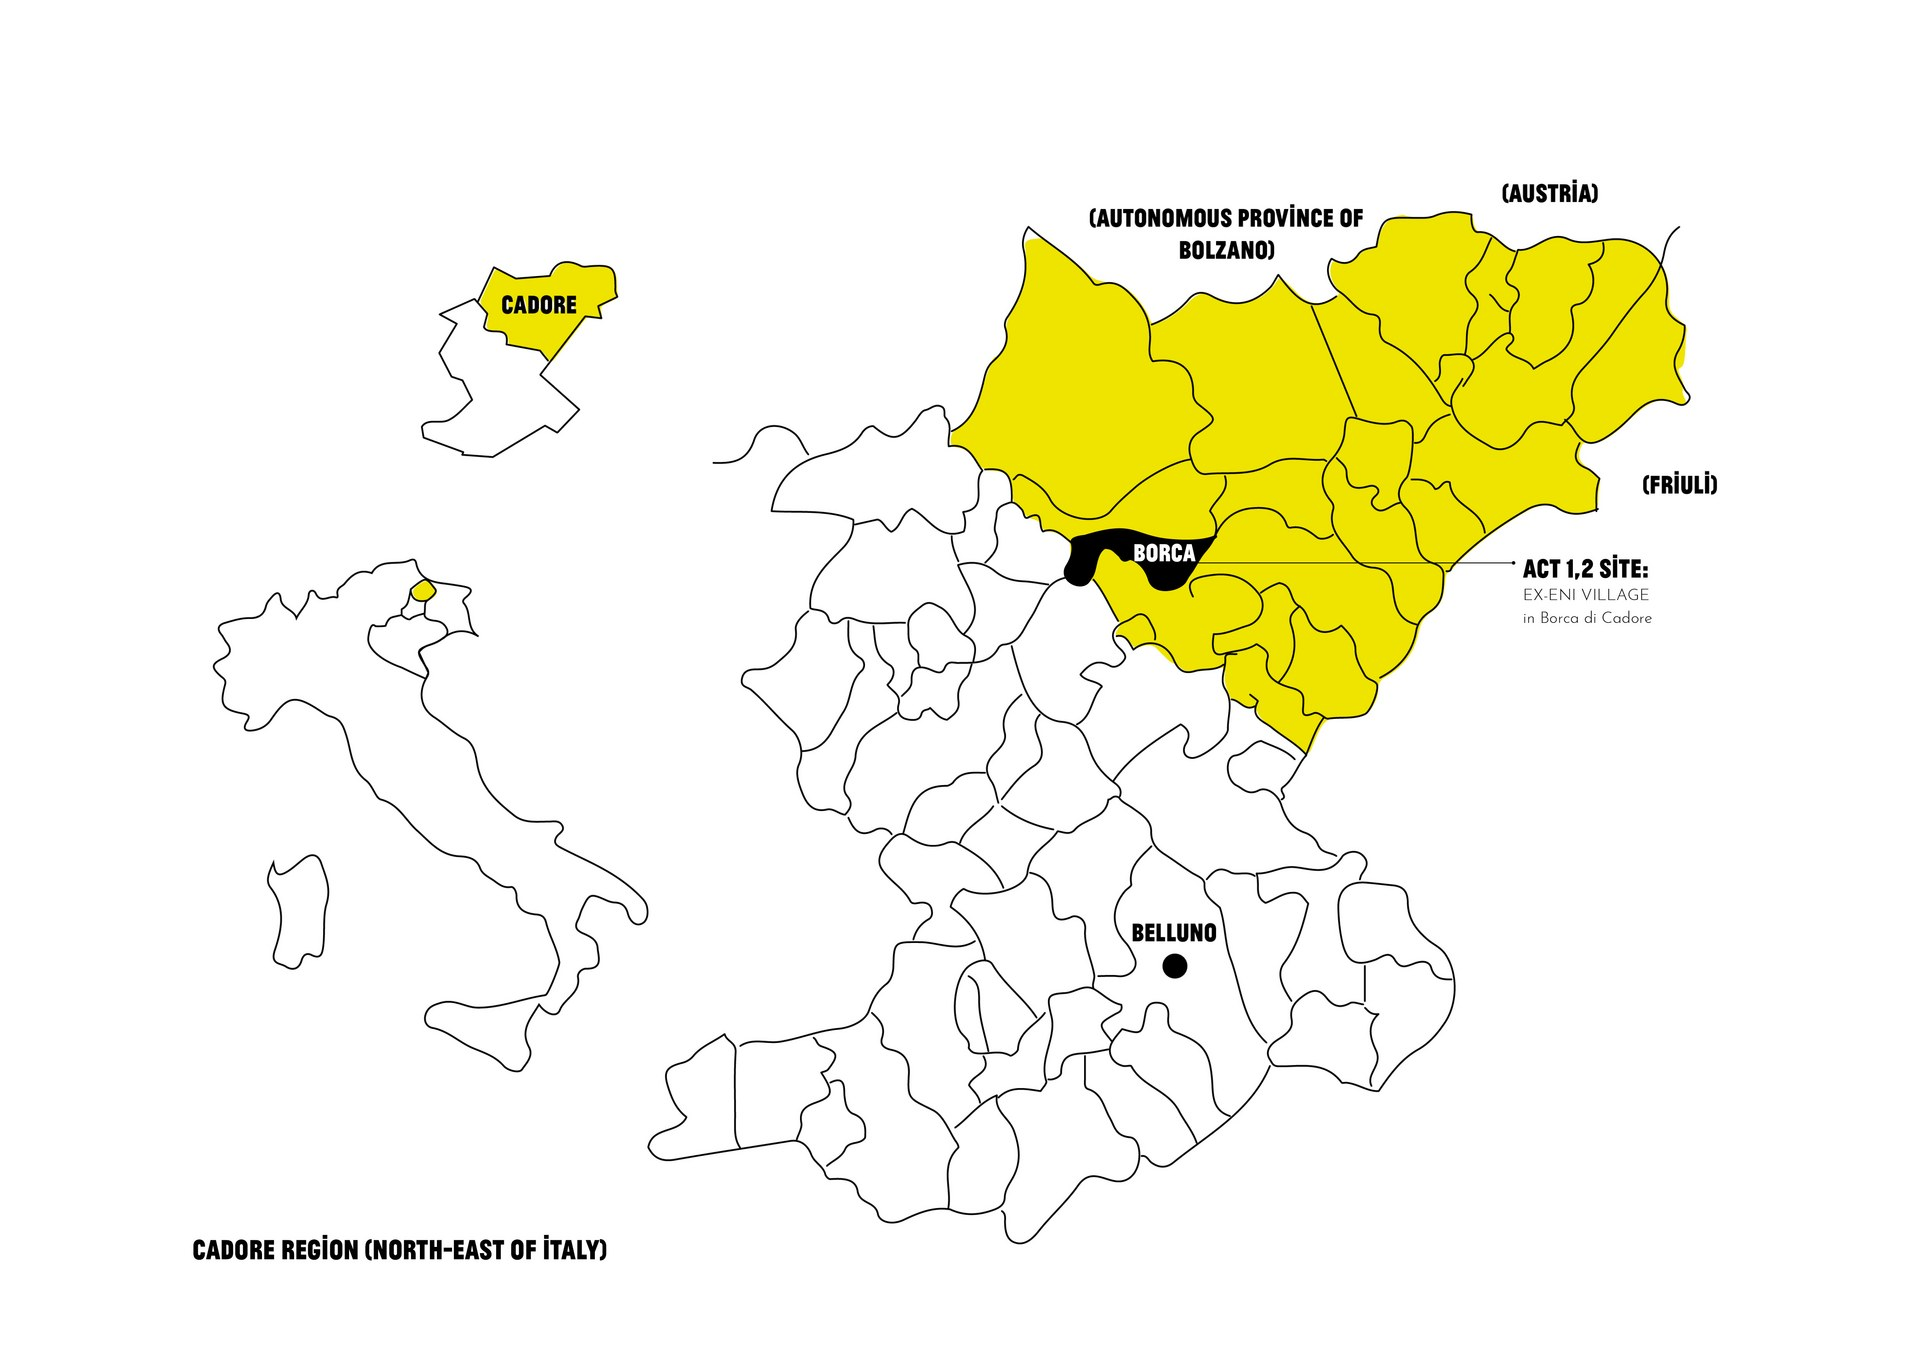 Site Overview: Ex-Eni Villave, Borca di Cadore, Veneto, Italy